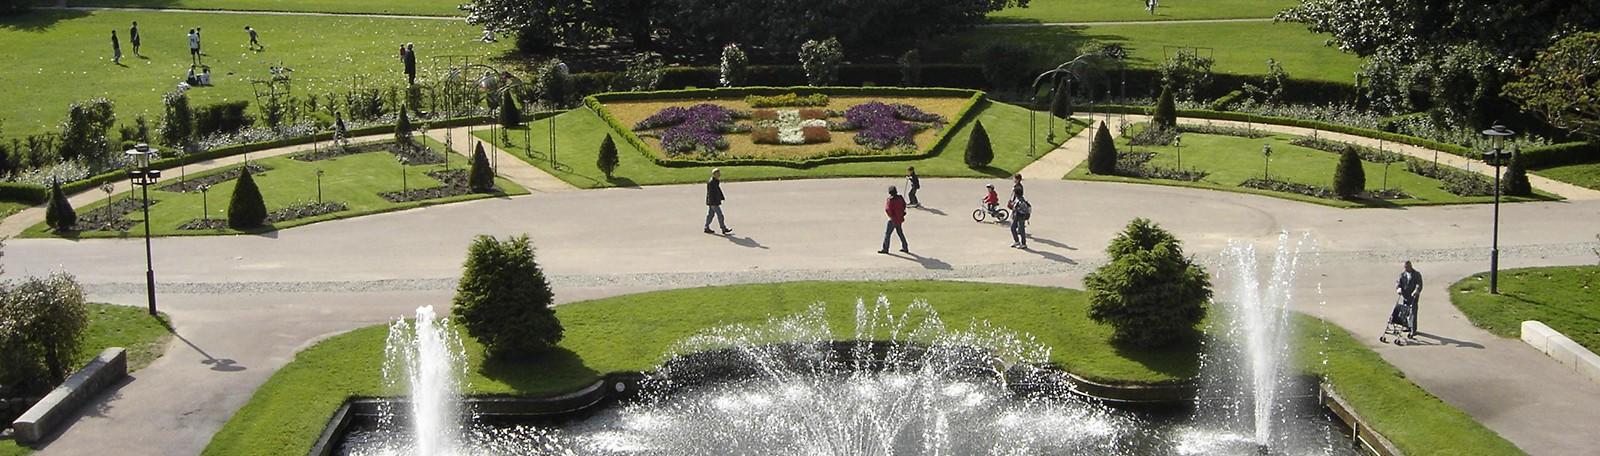 Car park Hugo Balzac - Park in Valence | Q-Park